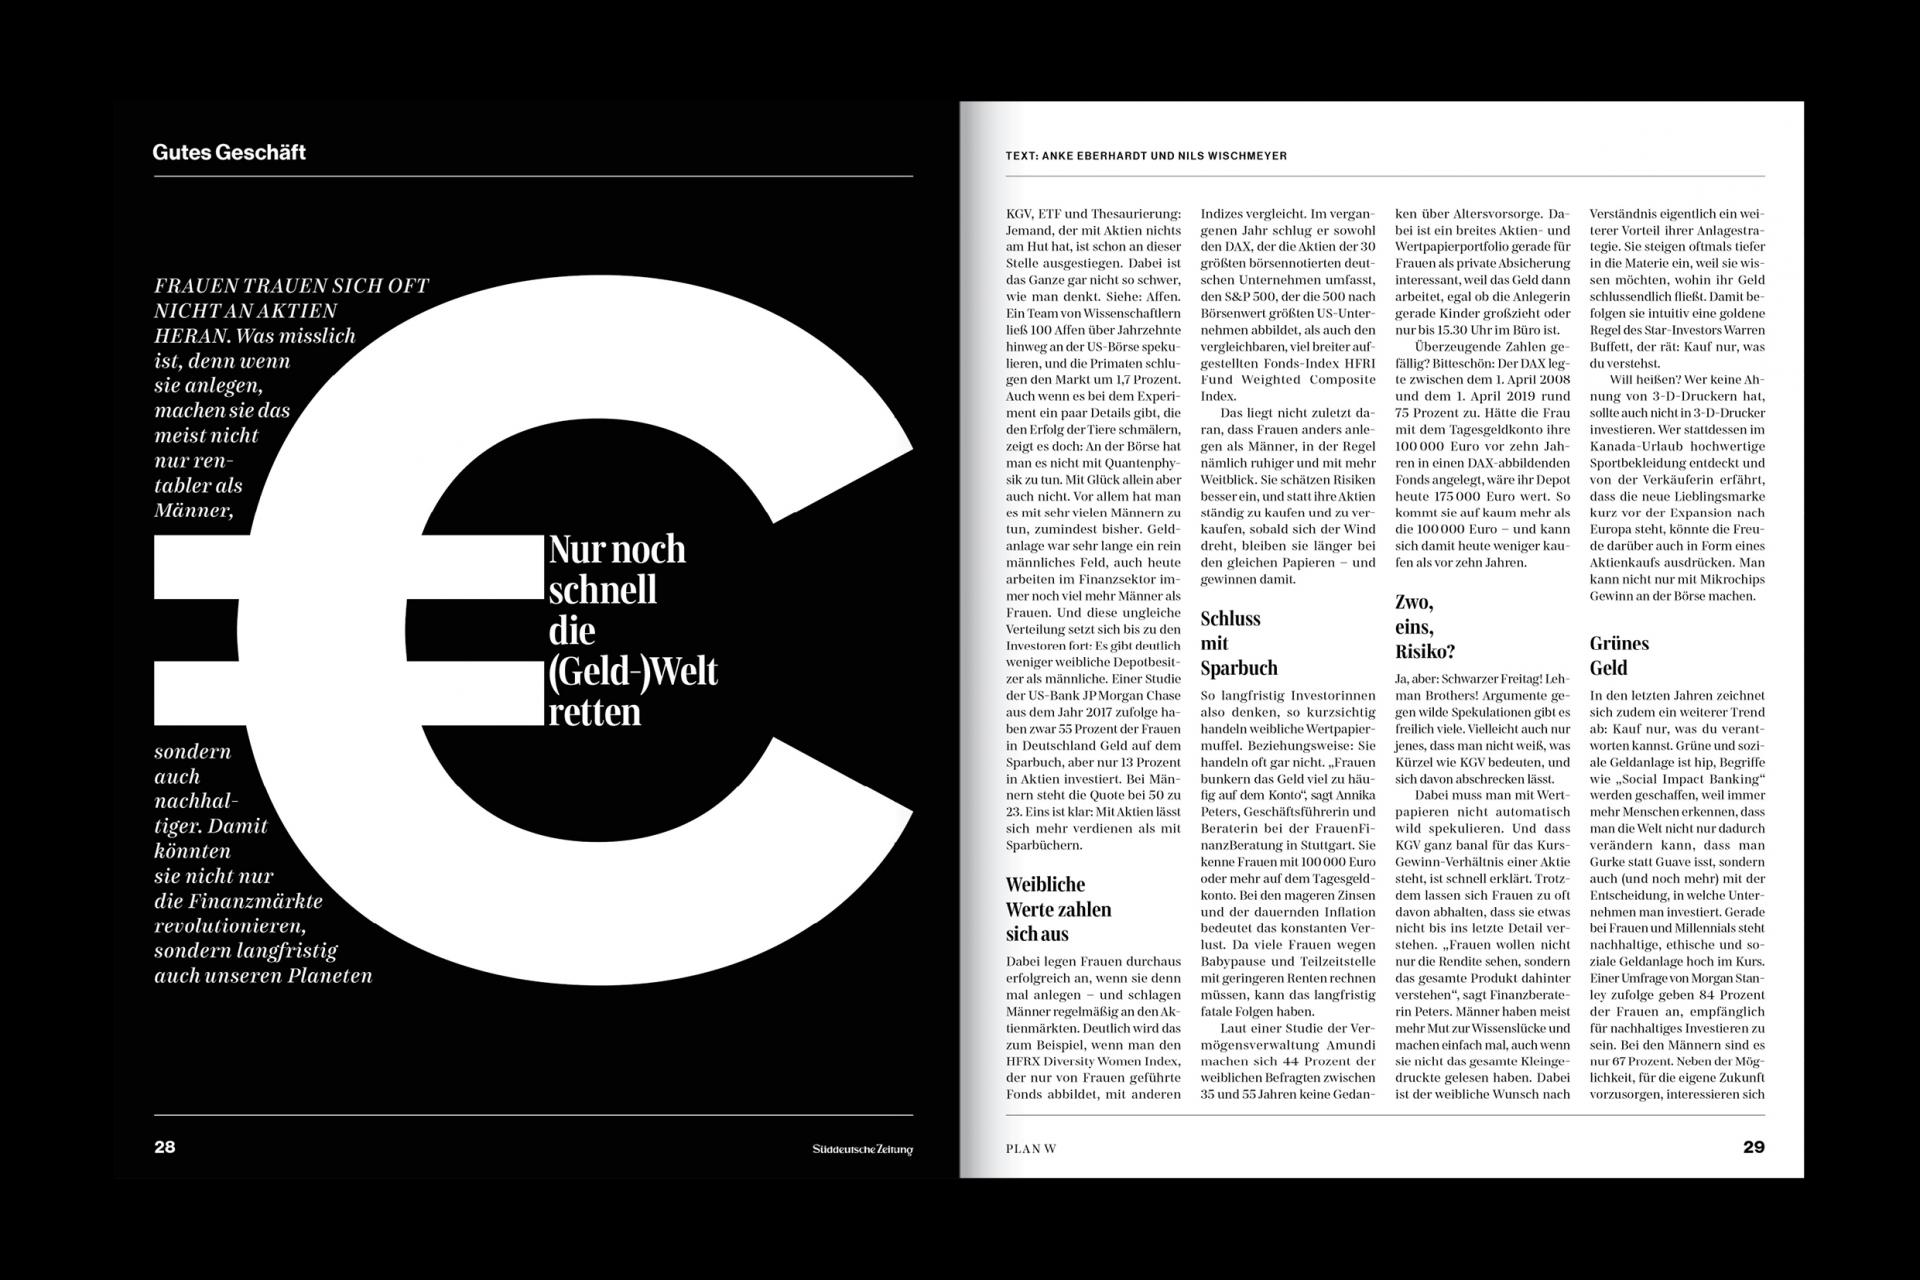 Daniela Wiesemann PLAN W – Ein Heft zum Thema Weitblick